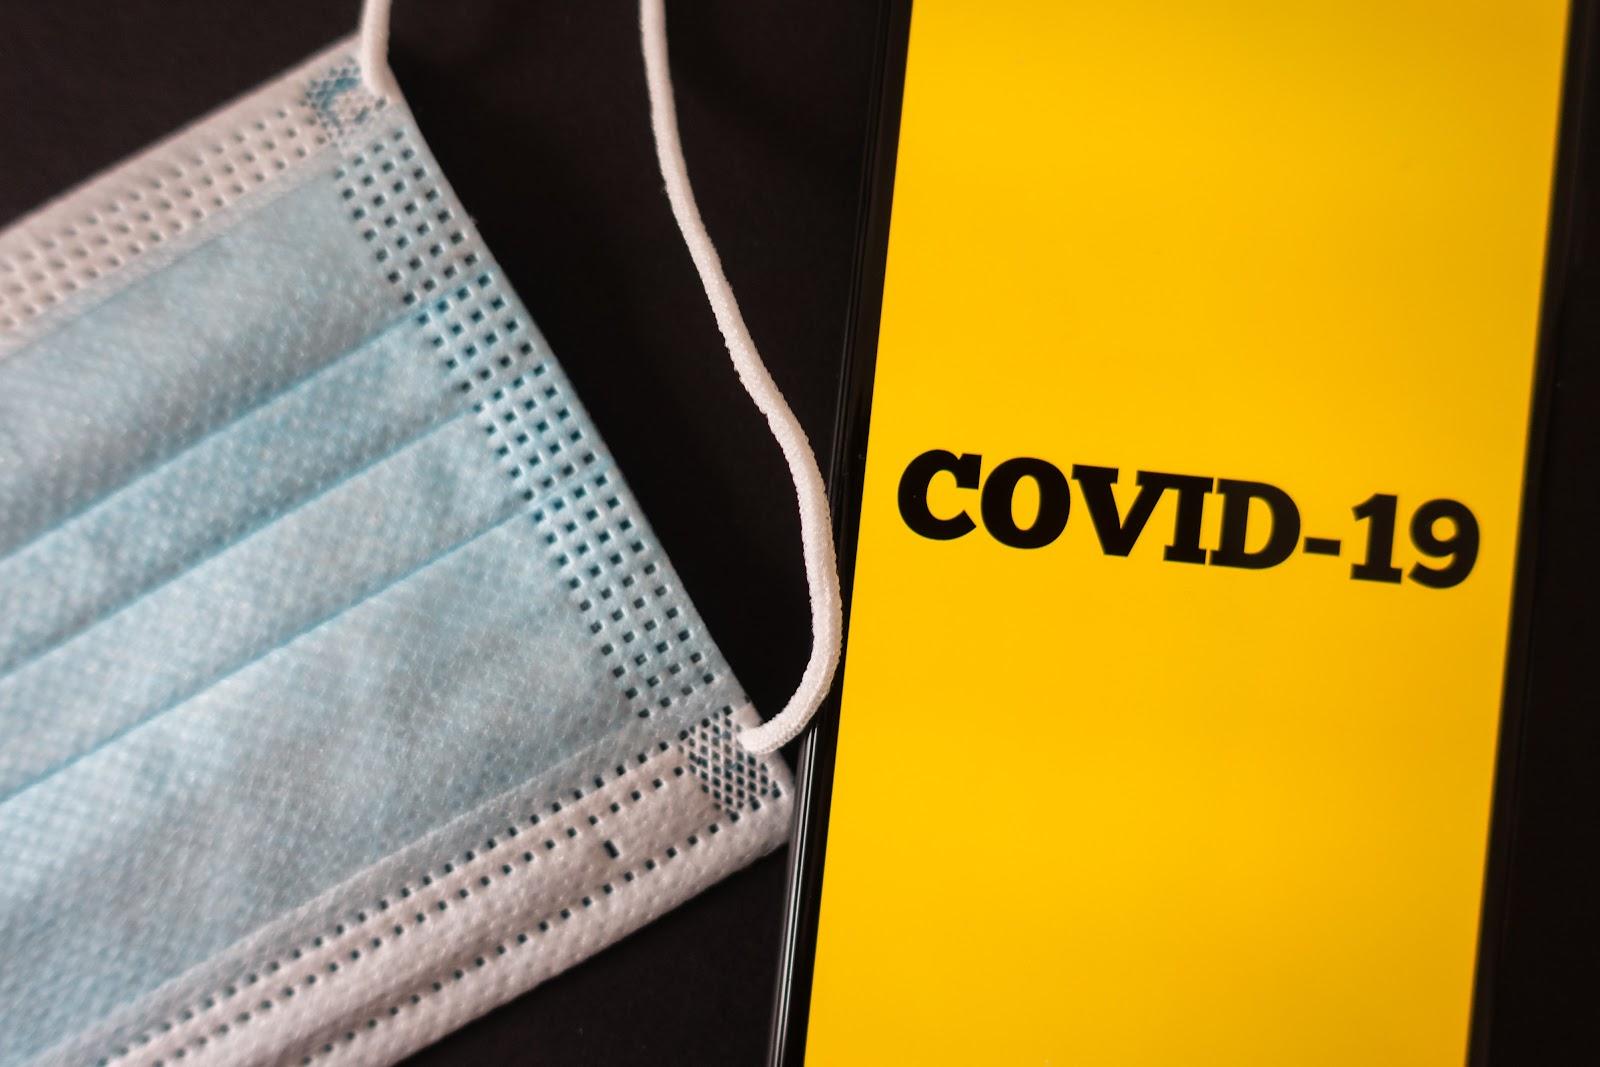 Muitos estudos têm sido realizados a fim de entender melhor a ação do novo coronavírus no organismo. (Fonte: Unsplash)